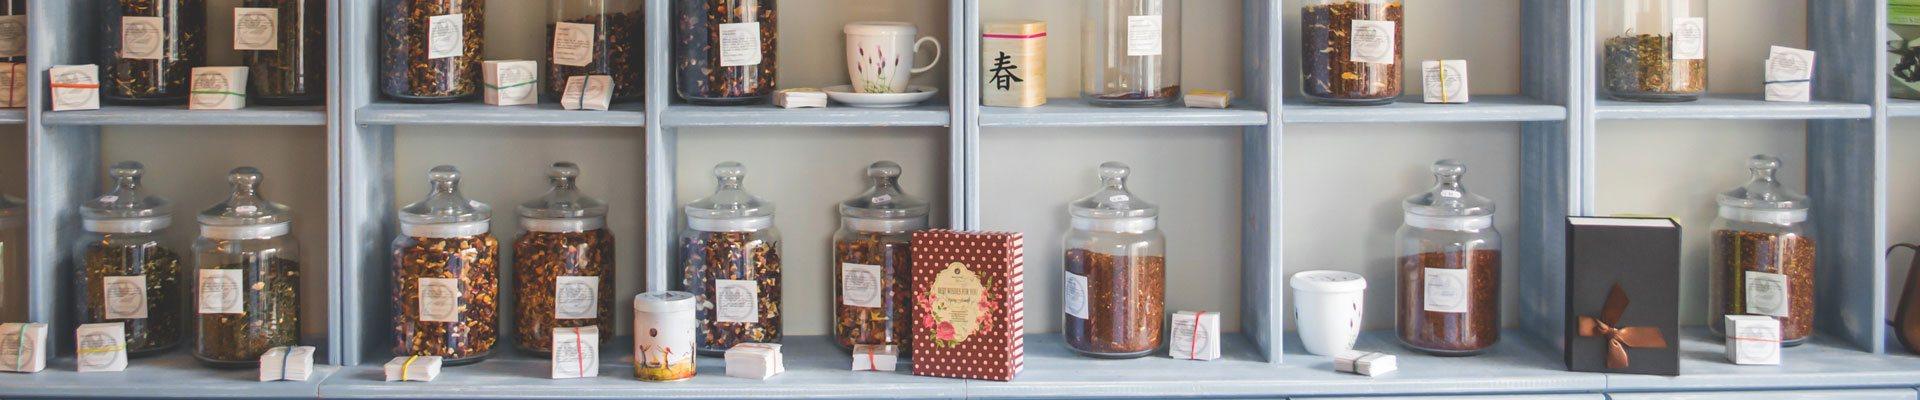 Losen Tee jetzt günstiger bestellen, Groß im Geschmack,|br|klein im Preis.